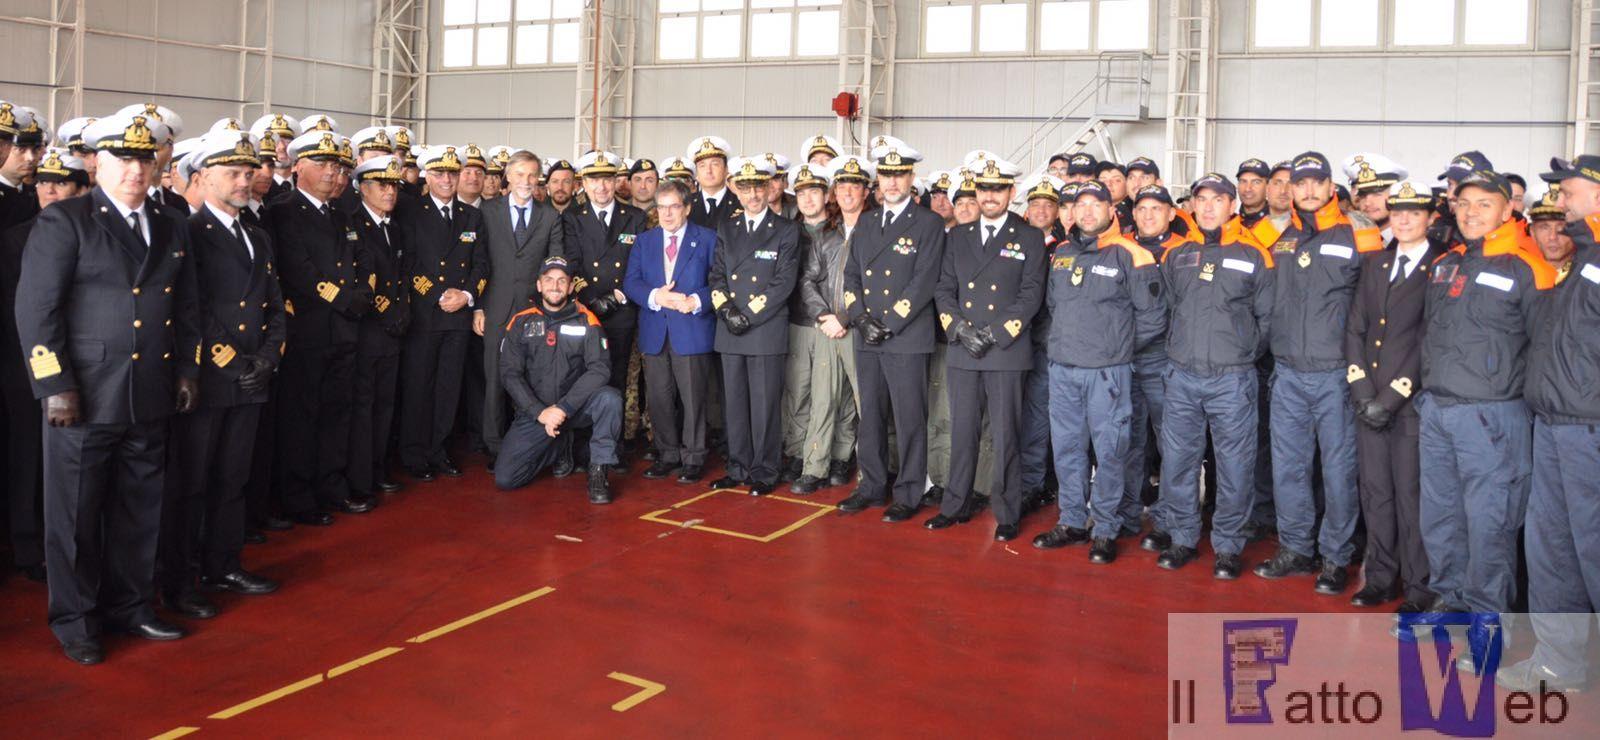 Guardia Costiera : 179.624 migranti sbarcati in Italia nel 2016